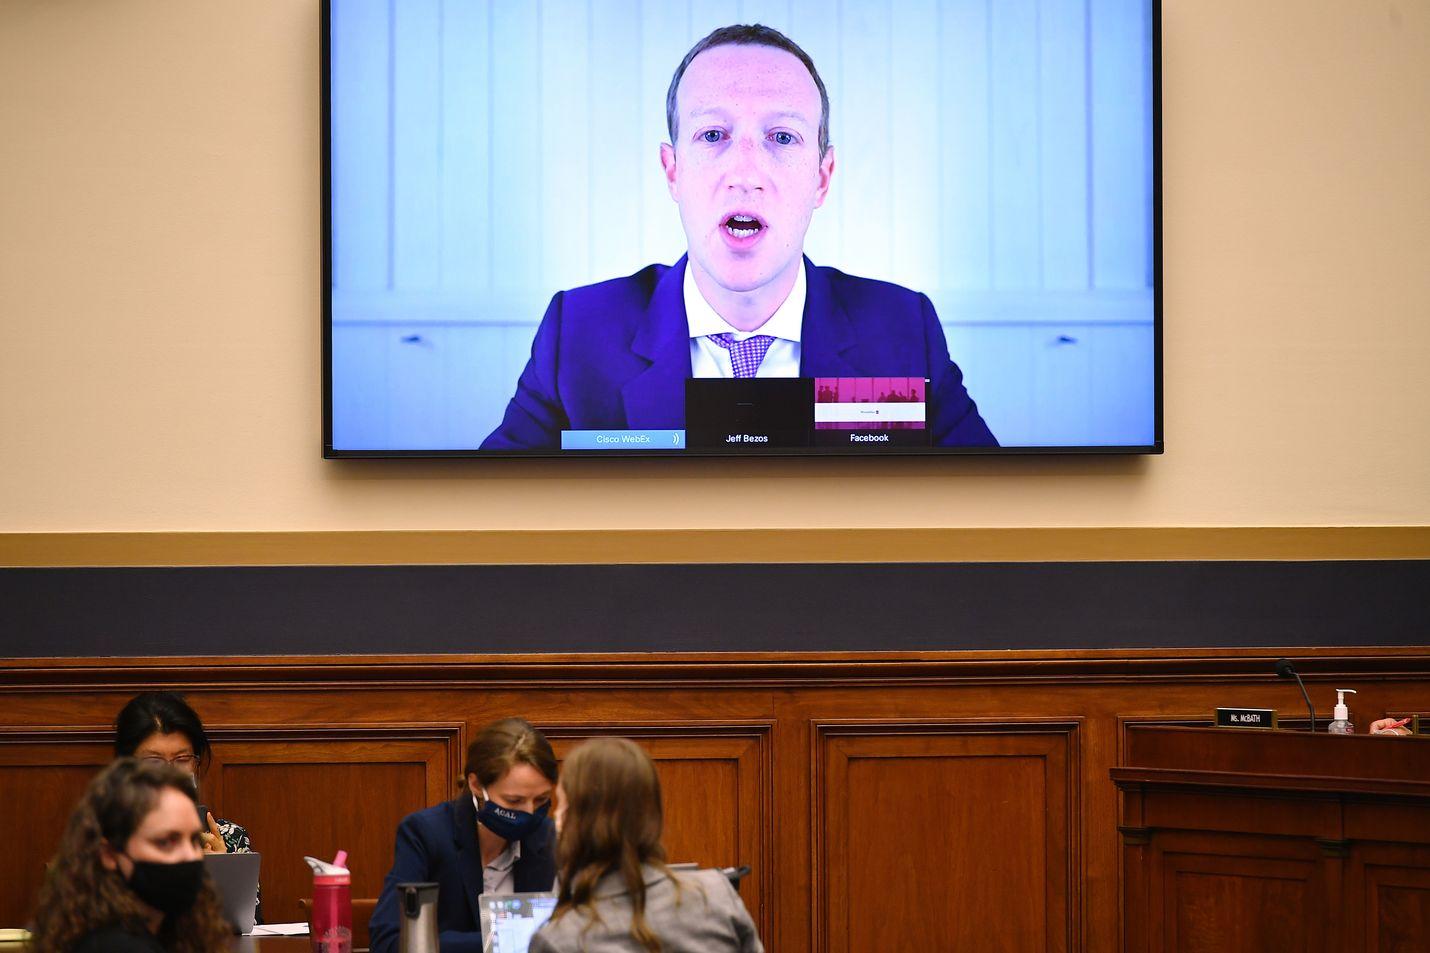 Facebookin toimitusjohtaja Mark Zuckerberg oli alkuviikosta etäyhteydellä Yhdysvaltojen kongressin kuultavana. Bisnekset kuitenkin rullaavat kohuista huolimatta.